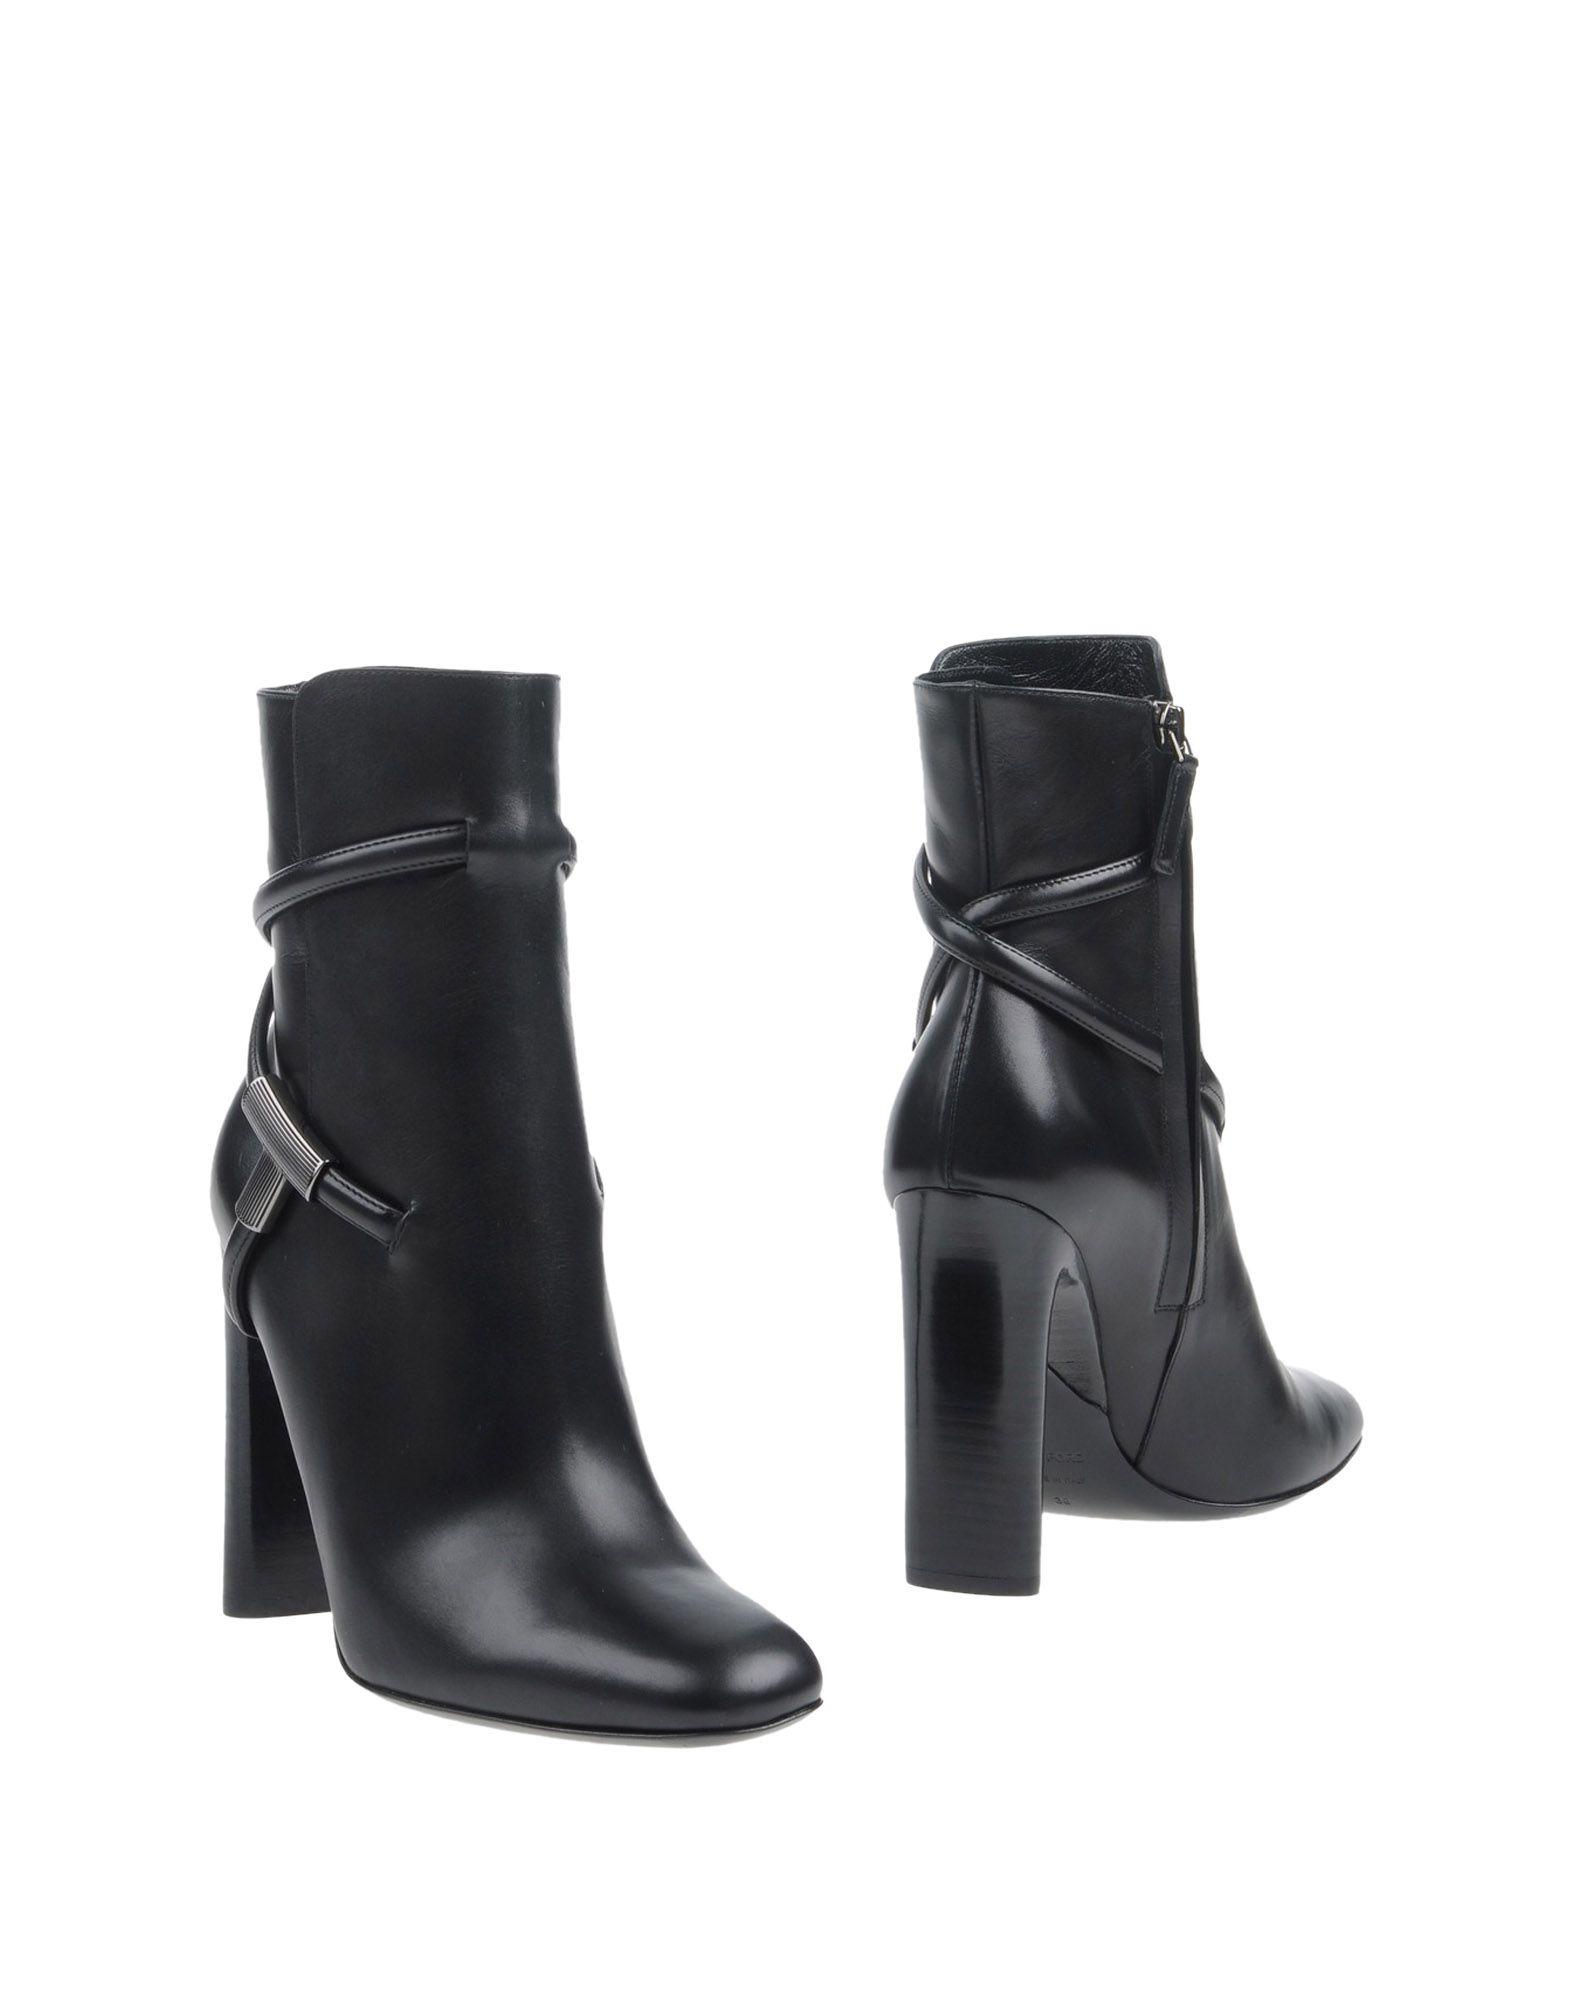 Tom Ford Stiefelette Damen Schuhe  11234023USGünstige gut aussehende Schuhe Damen 3bd3c8